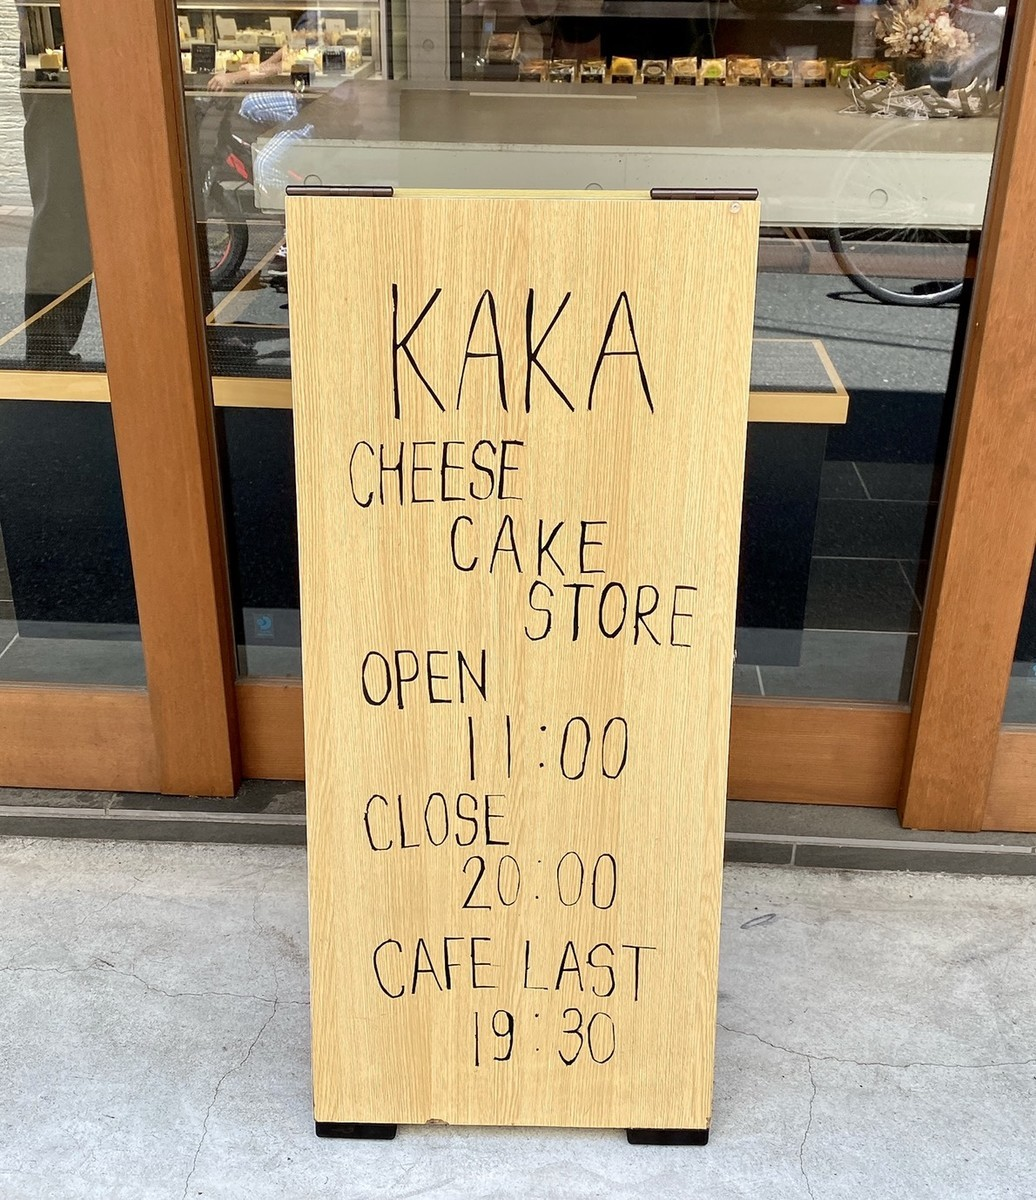 KAKA 営業時間